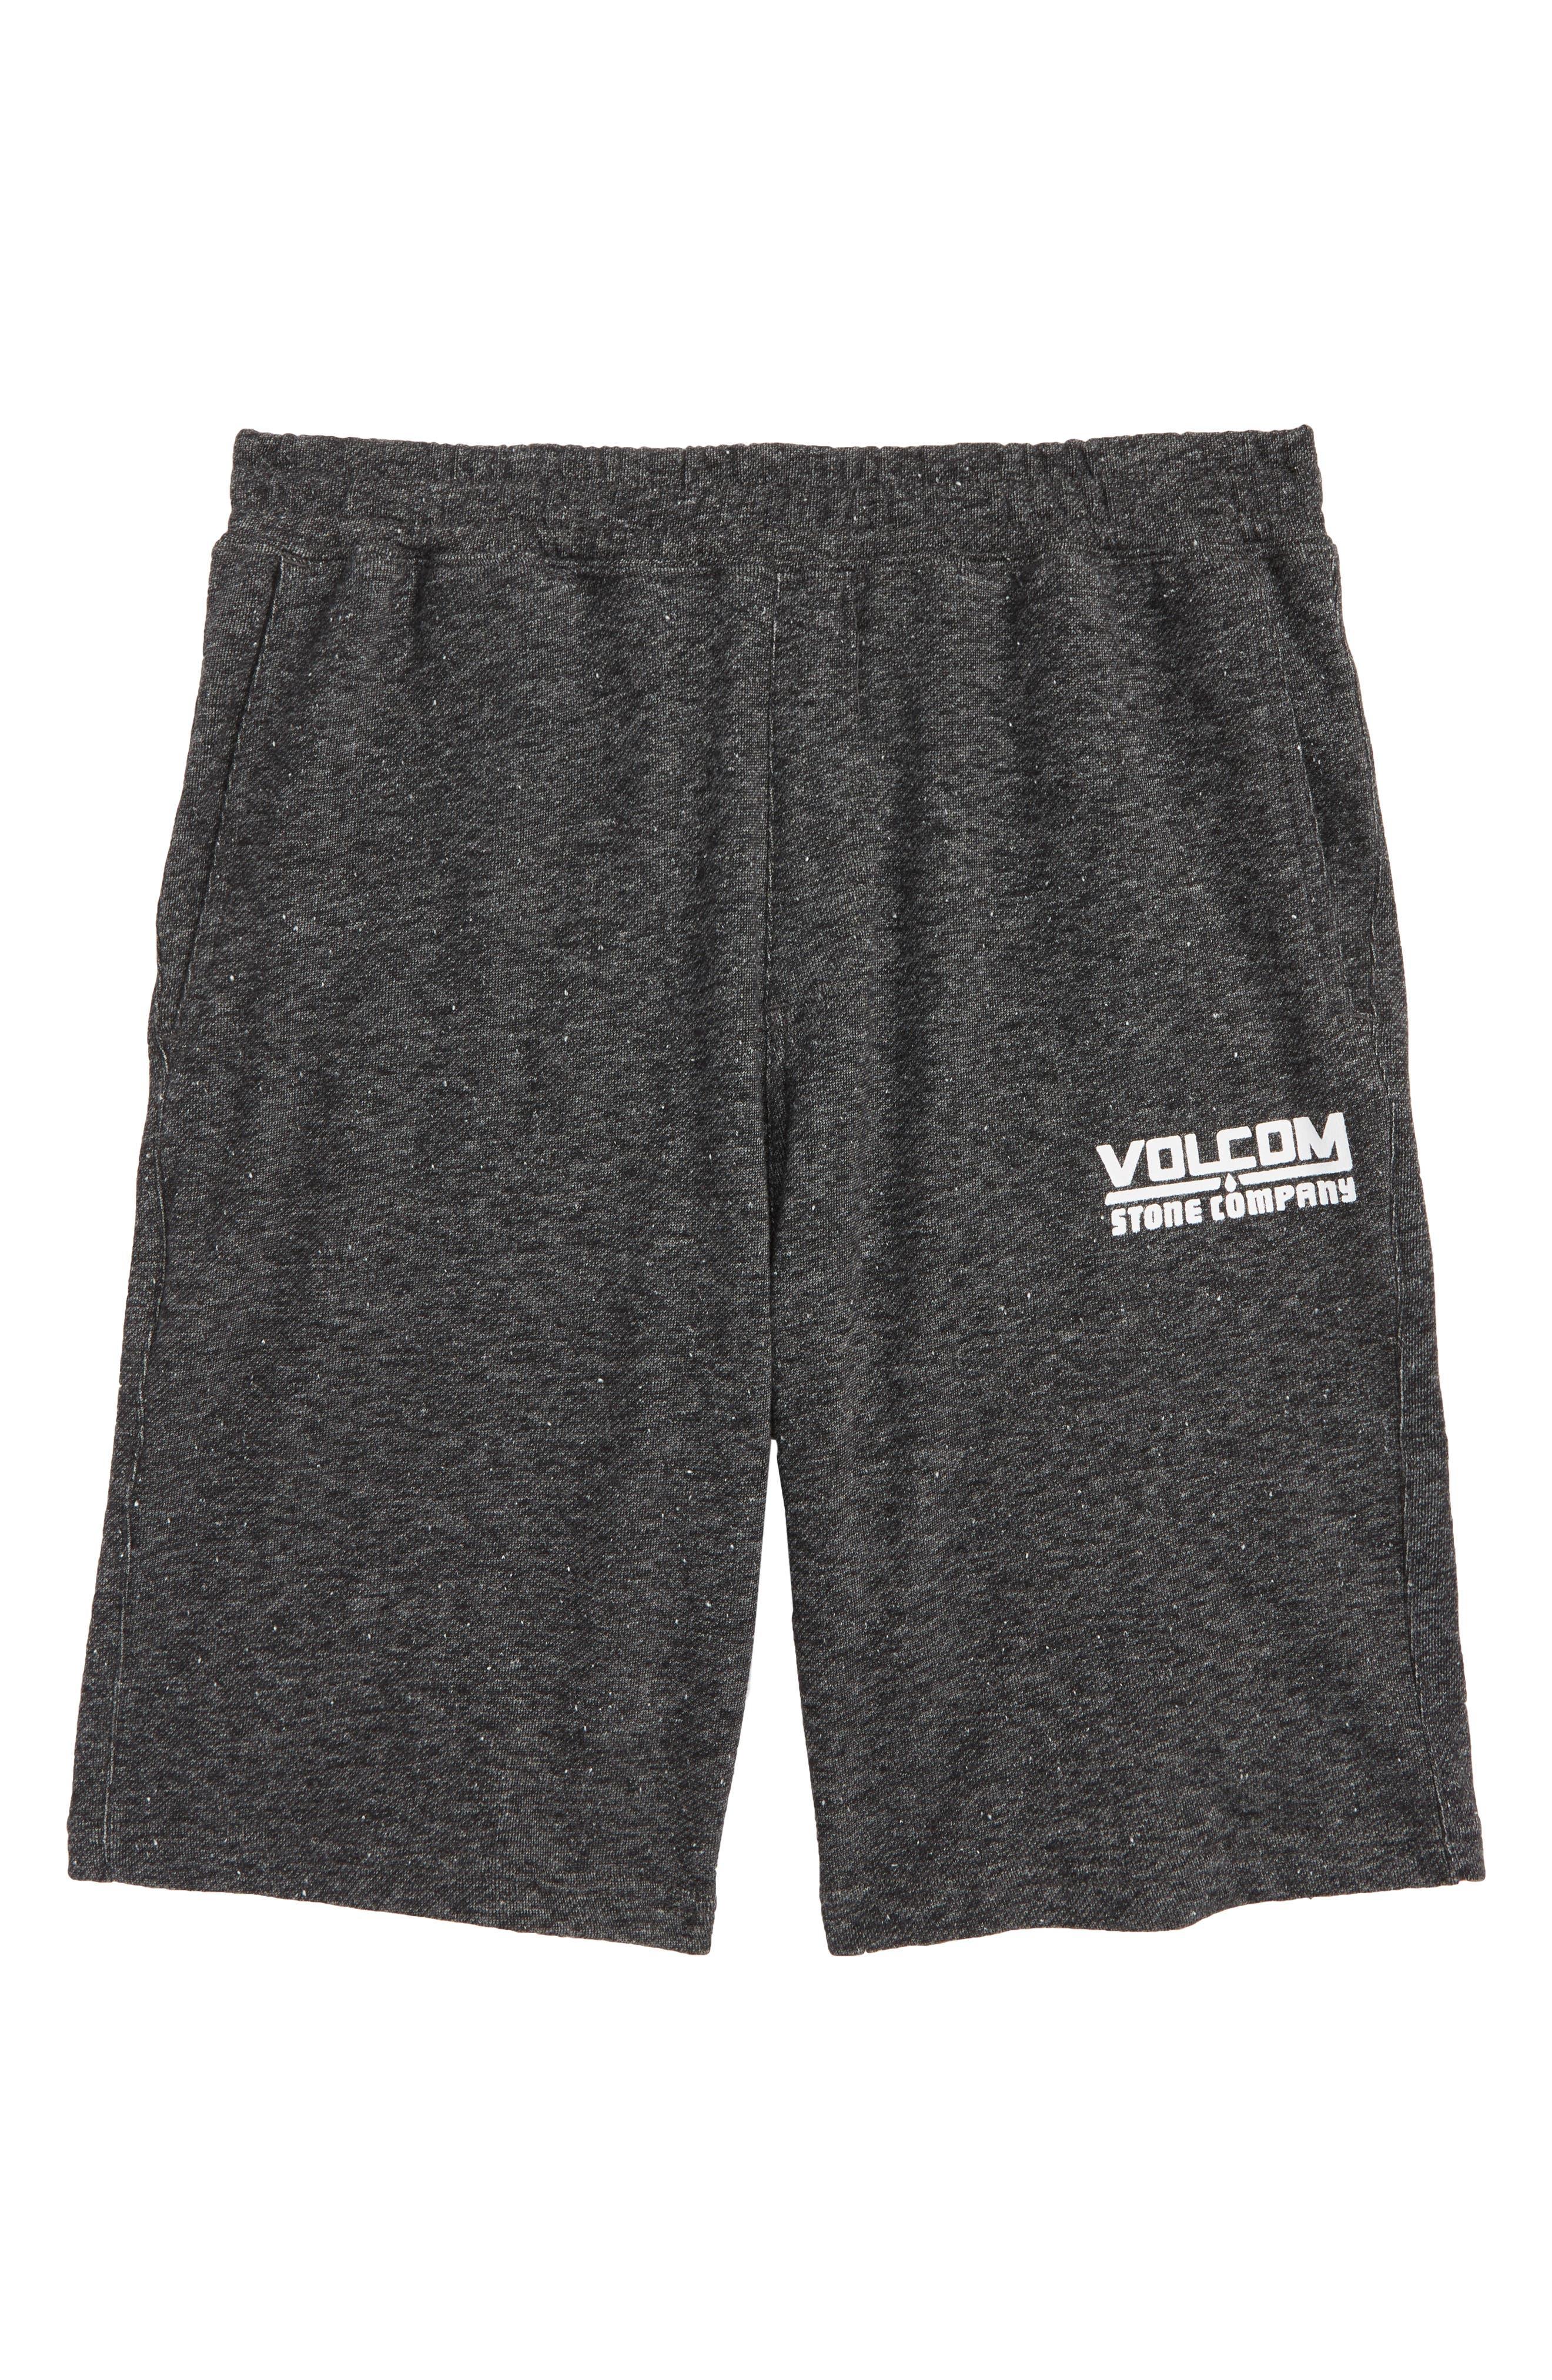 VOLCOM,                             Billing Shorts,                             Main thumbnail 1, color,                             001